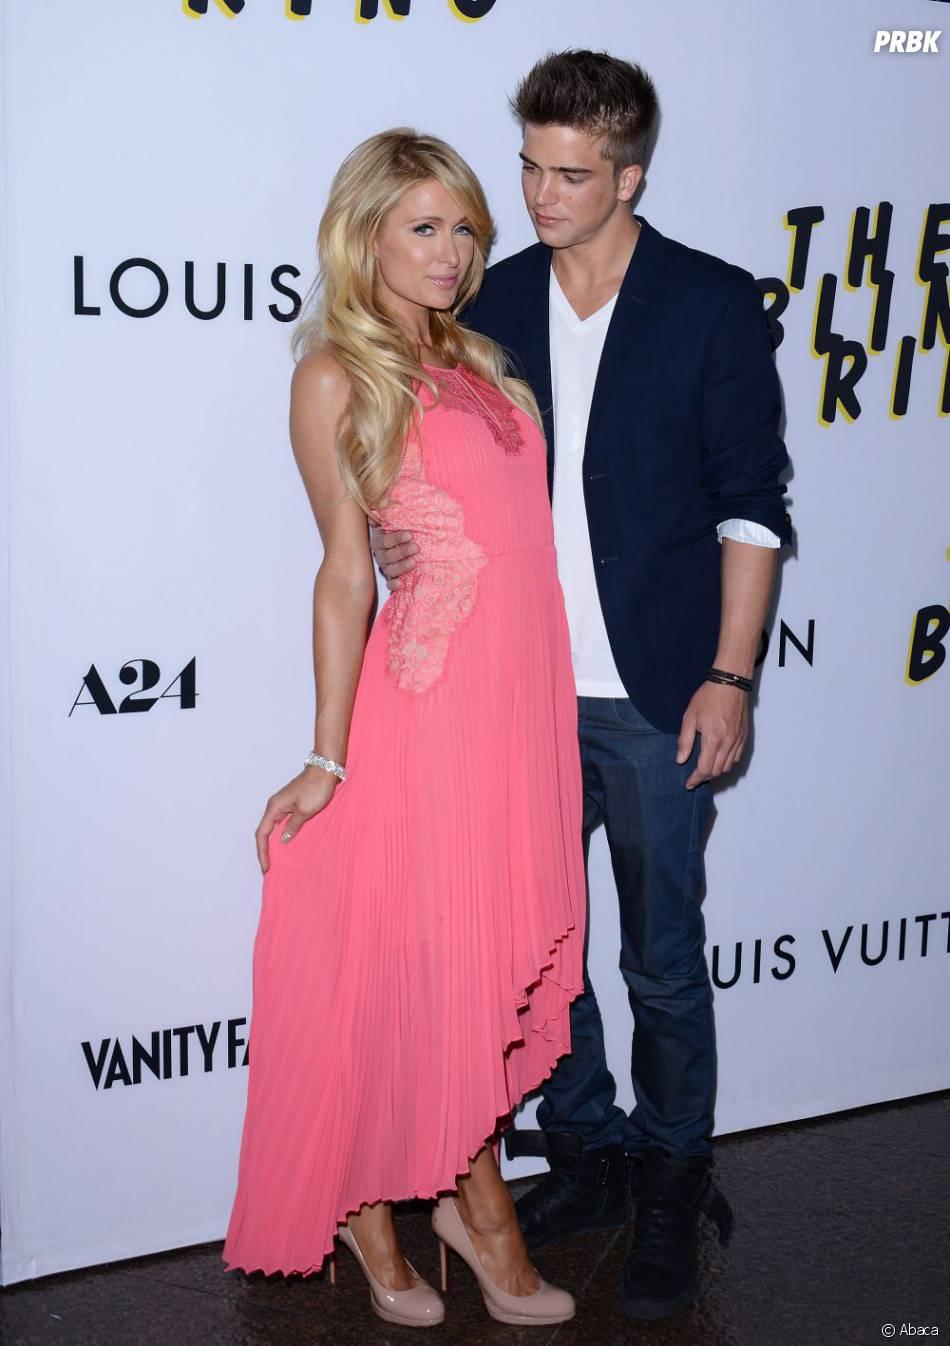 Paris Hilton et River Viiperi en duo sur le tapis rouge pour The Bling Ring, mardi 4 juin 2013 à Los Angeles